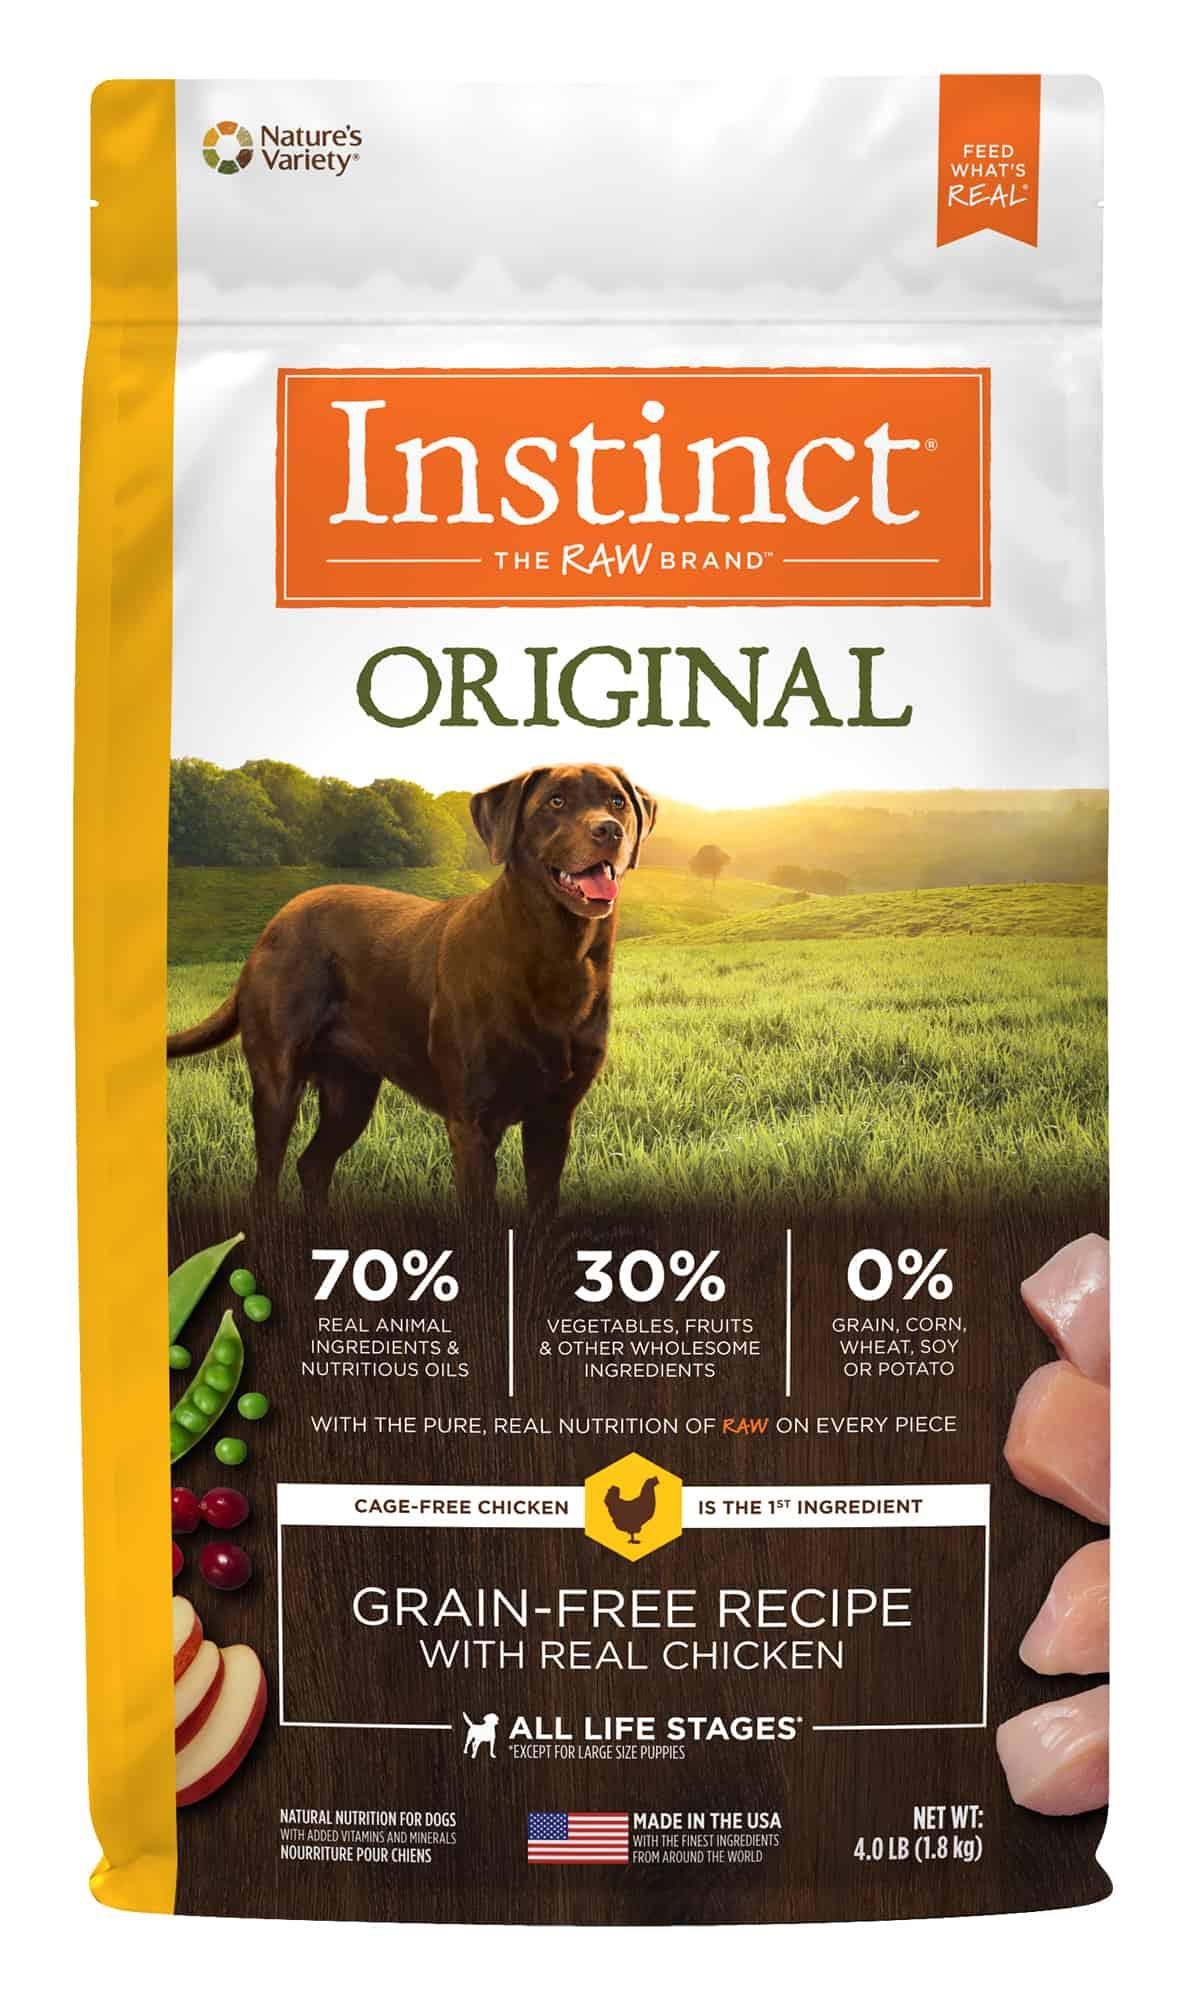 Nature's Variety - Instinct Original - Chicken Review ...